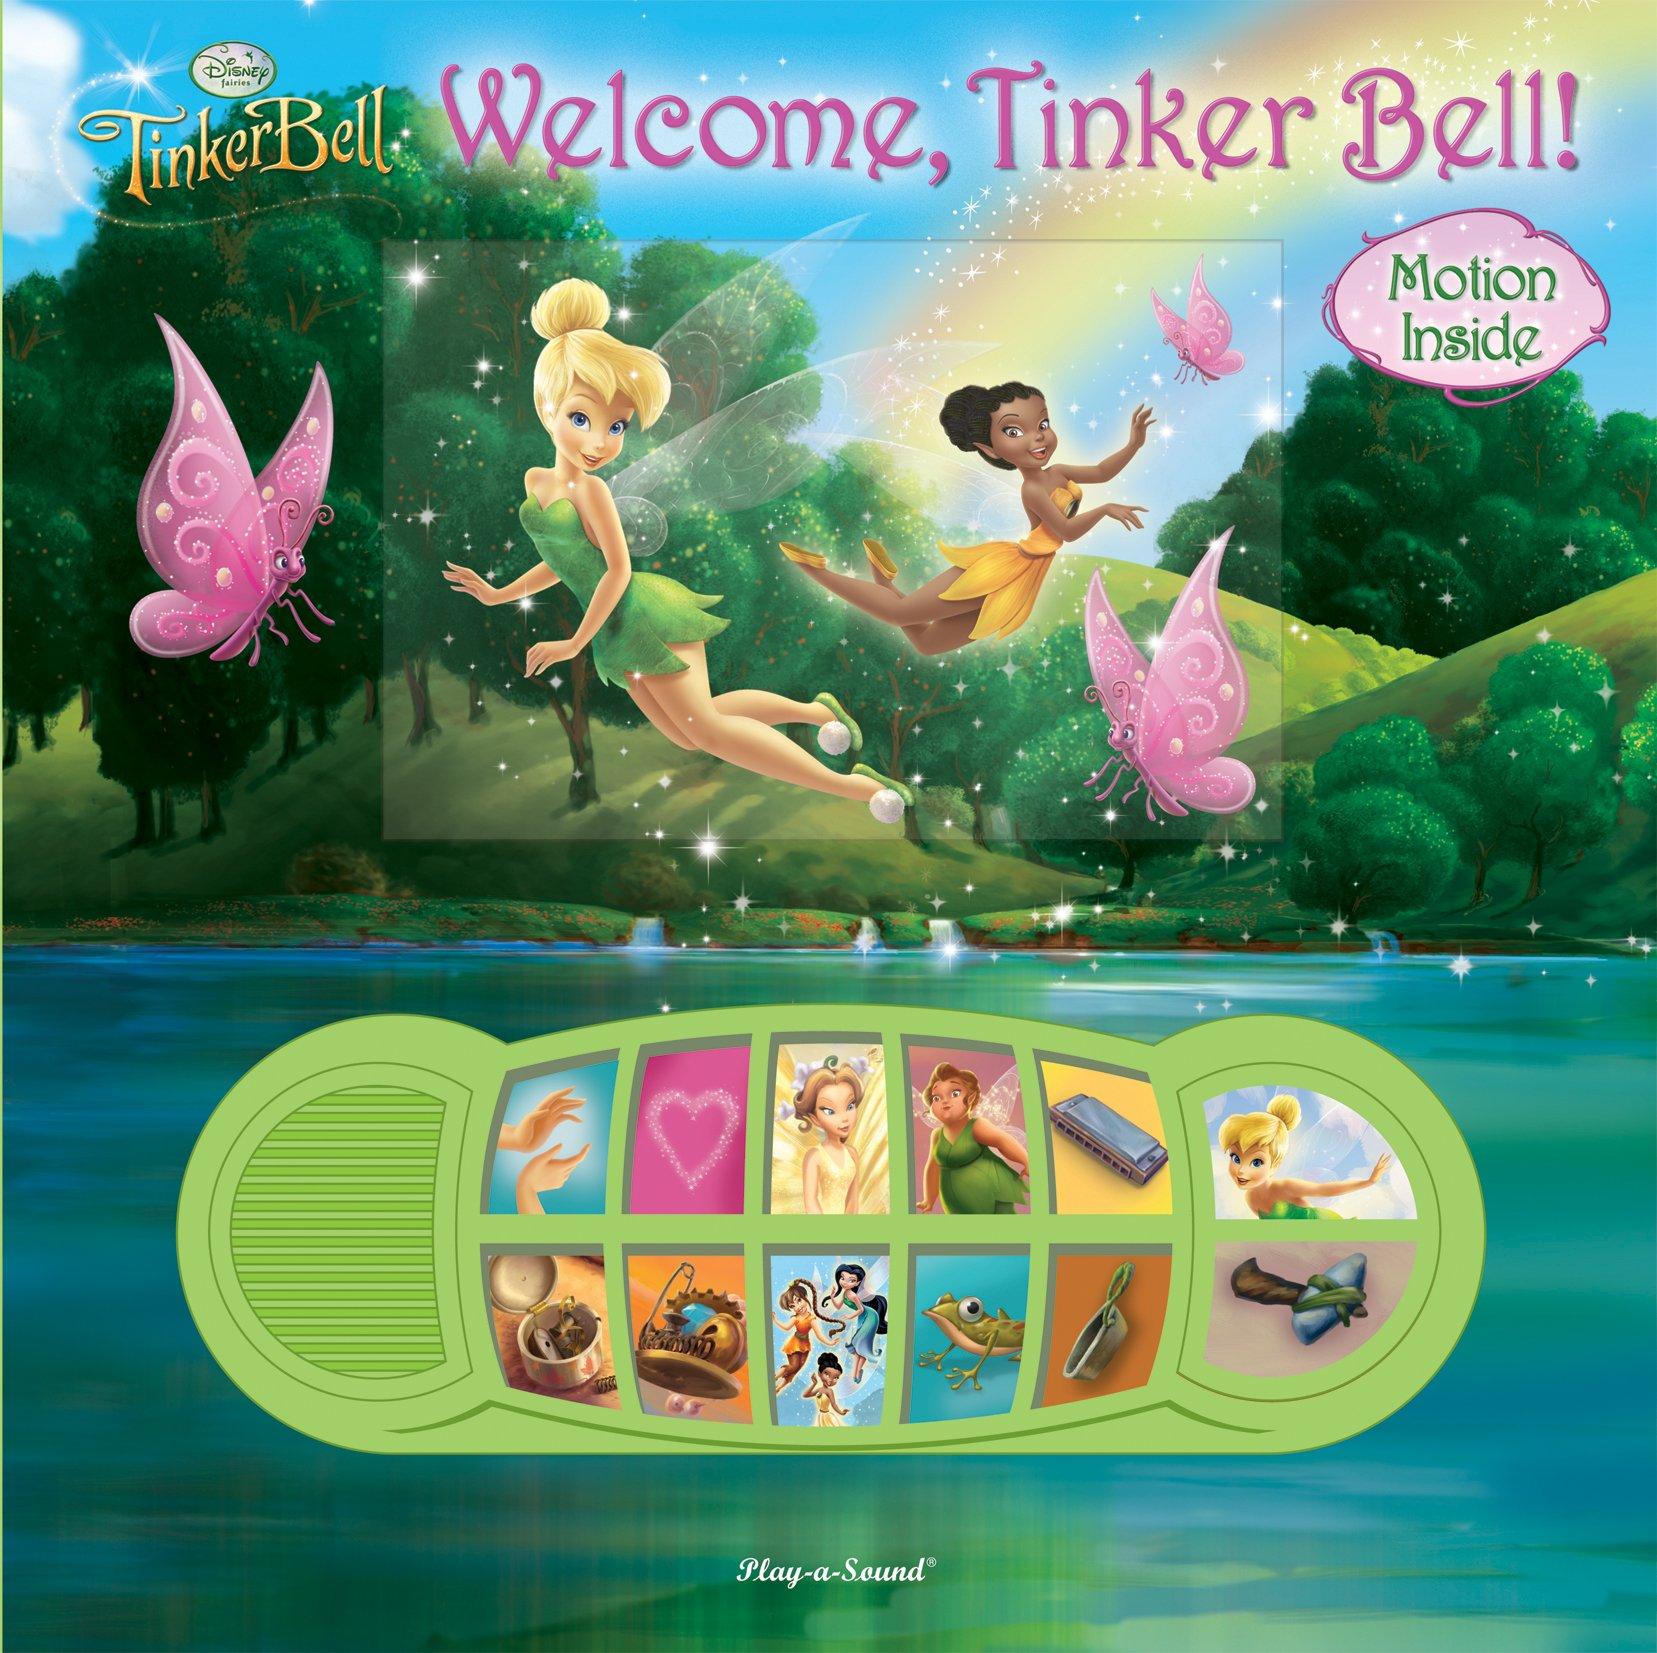 Disney Fairies: Welcome Tinker Bell! (Lenticular Sound Book) ebook